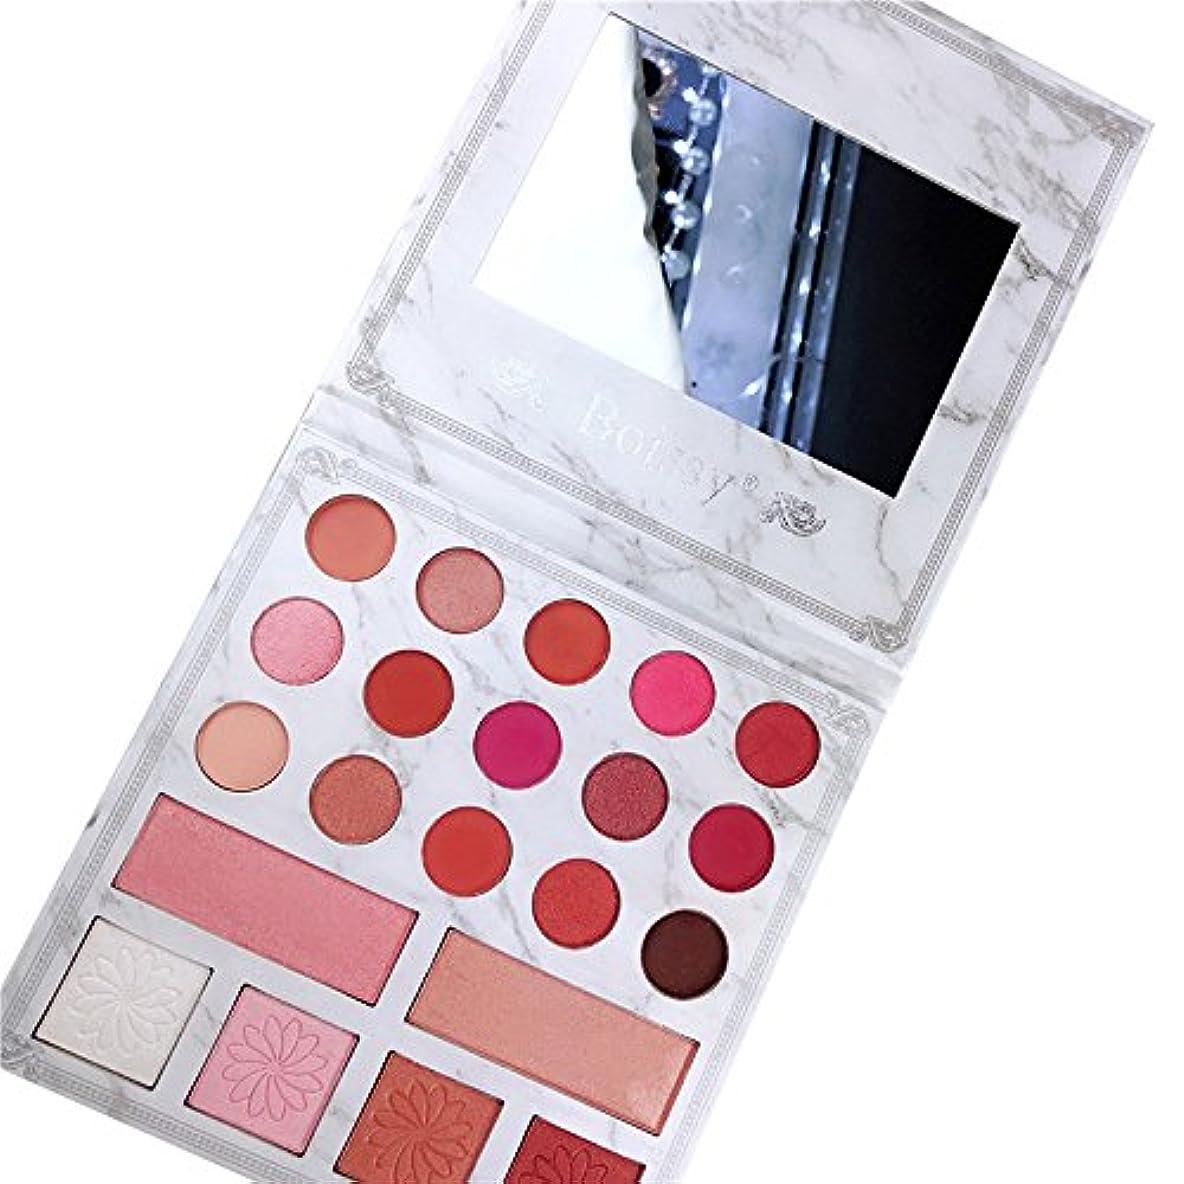 これらスタイル盲信21色シマーマットアイシャドウアイシャドウパレットプロ化粧品メイクアップツール